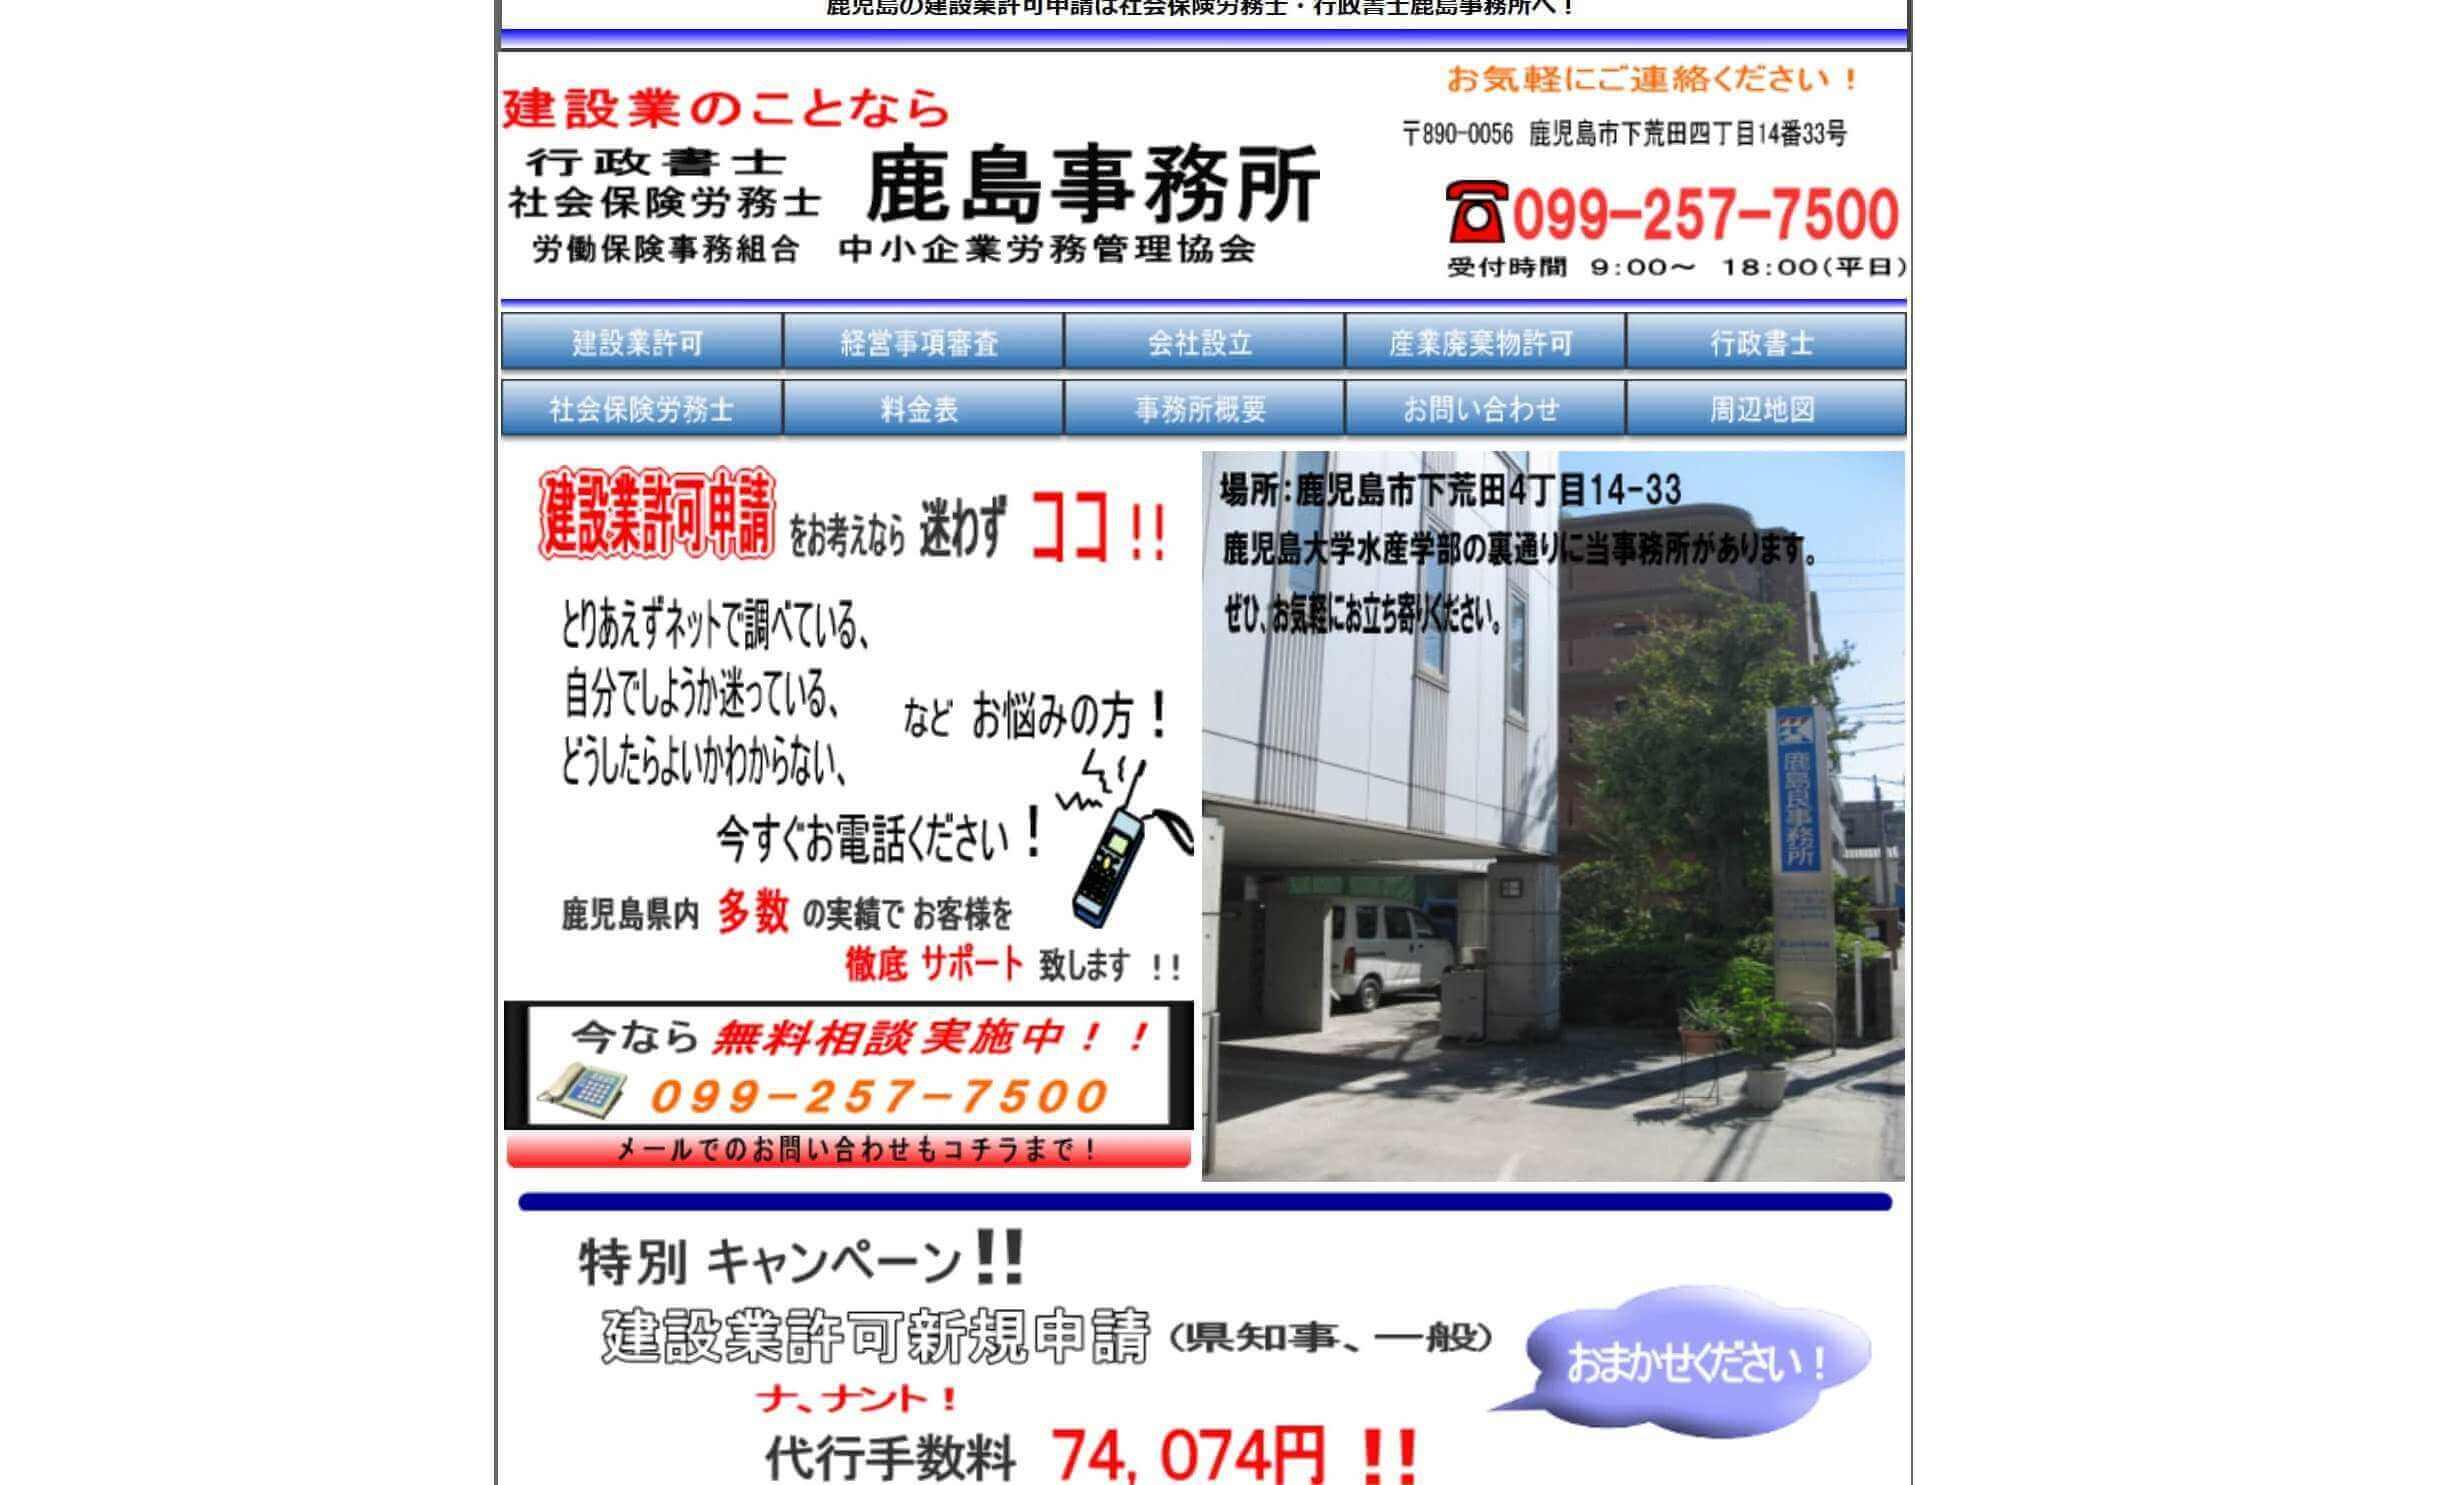 鹿島良社会保険労務士・行政書士事務所